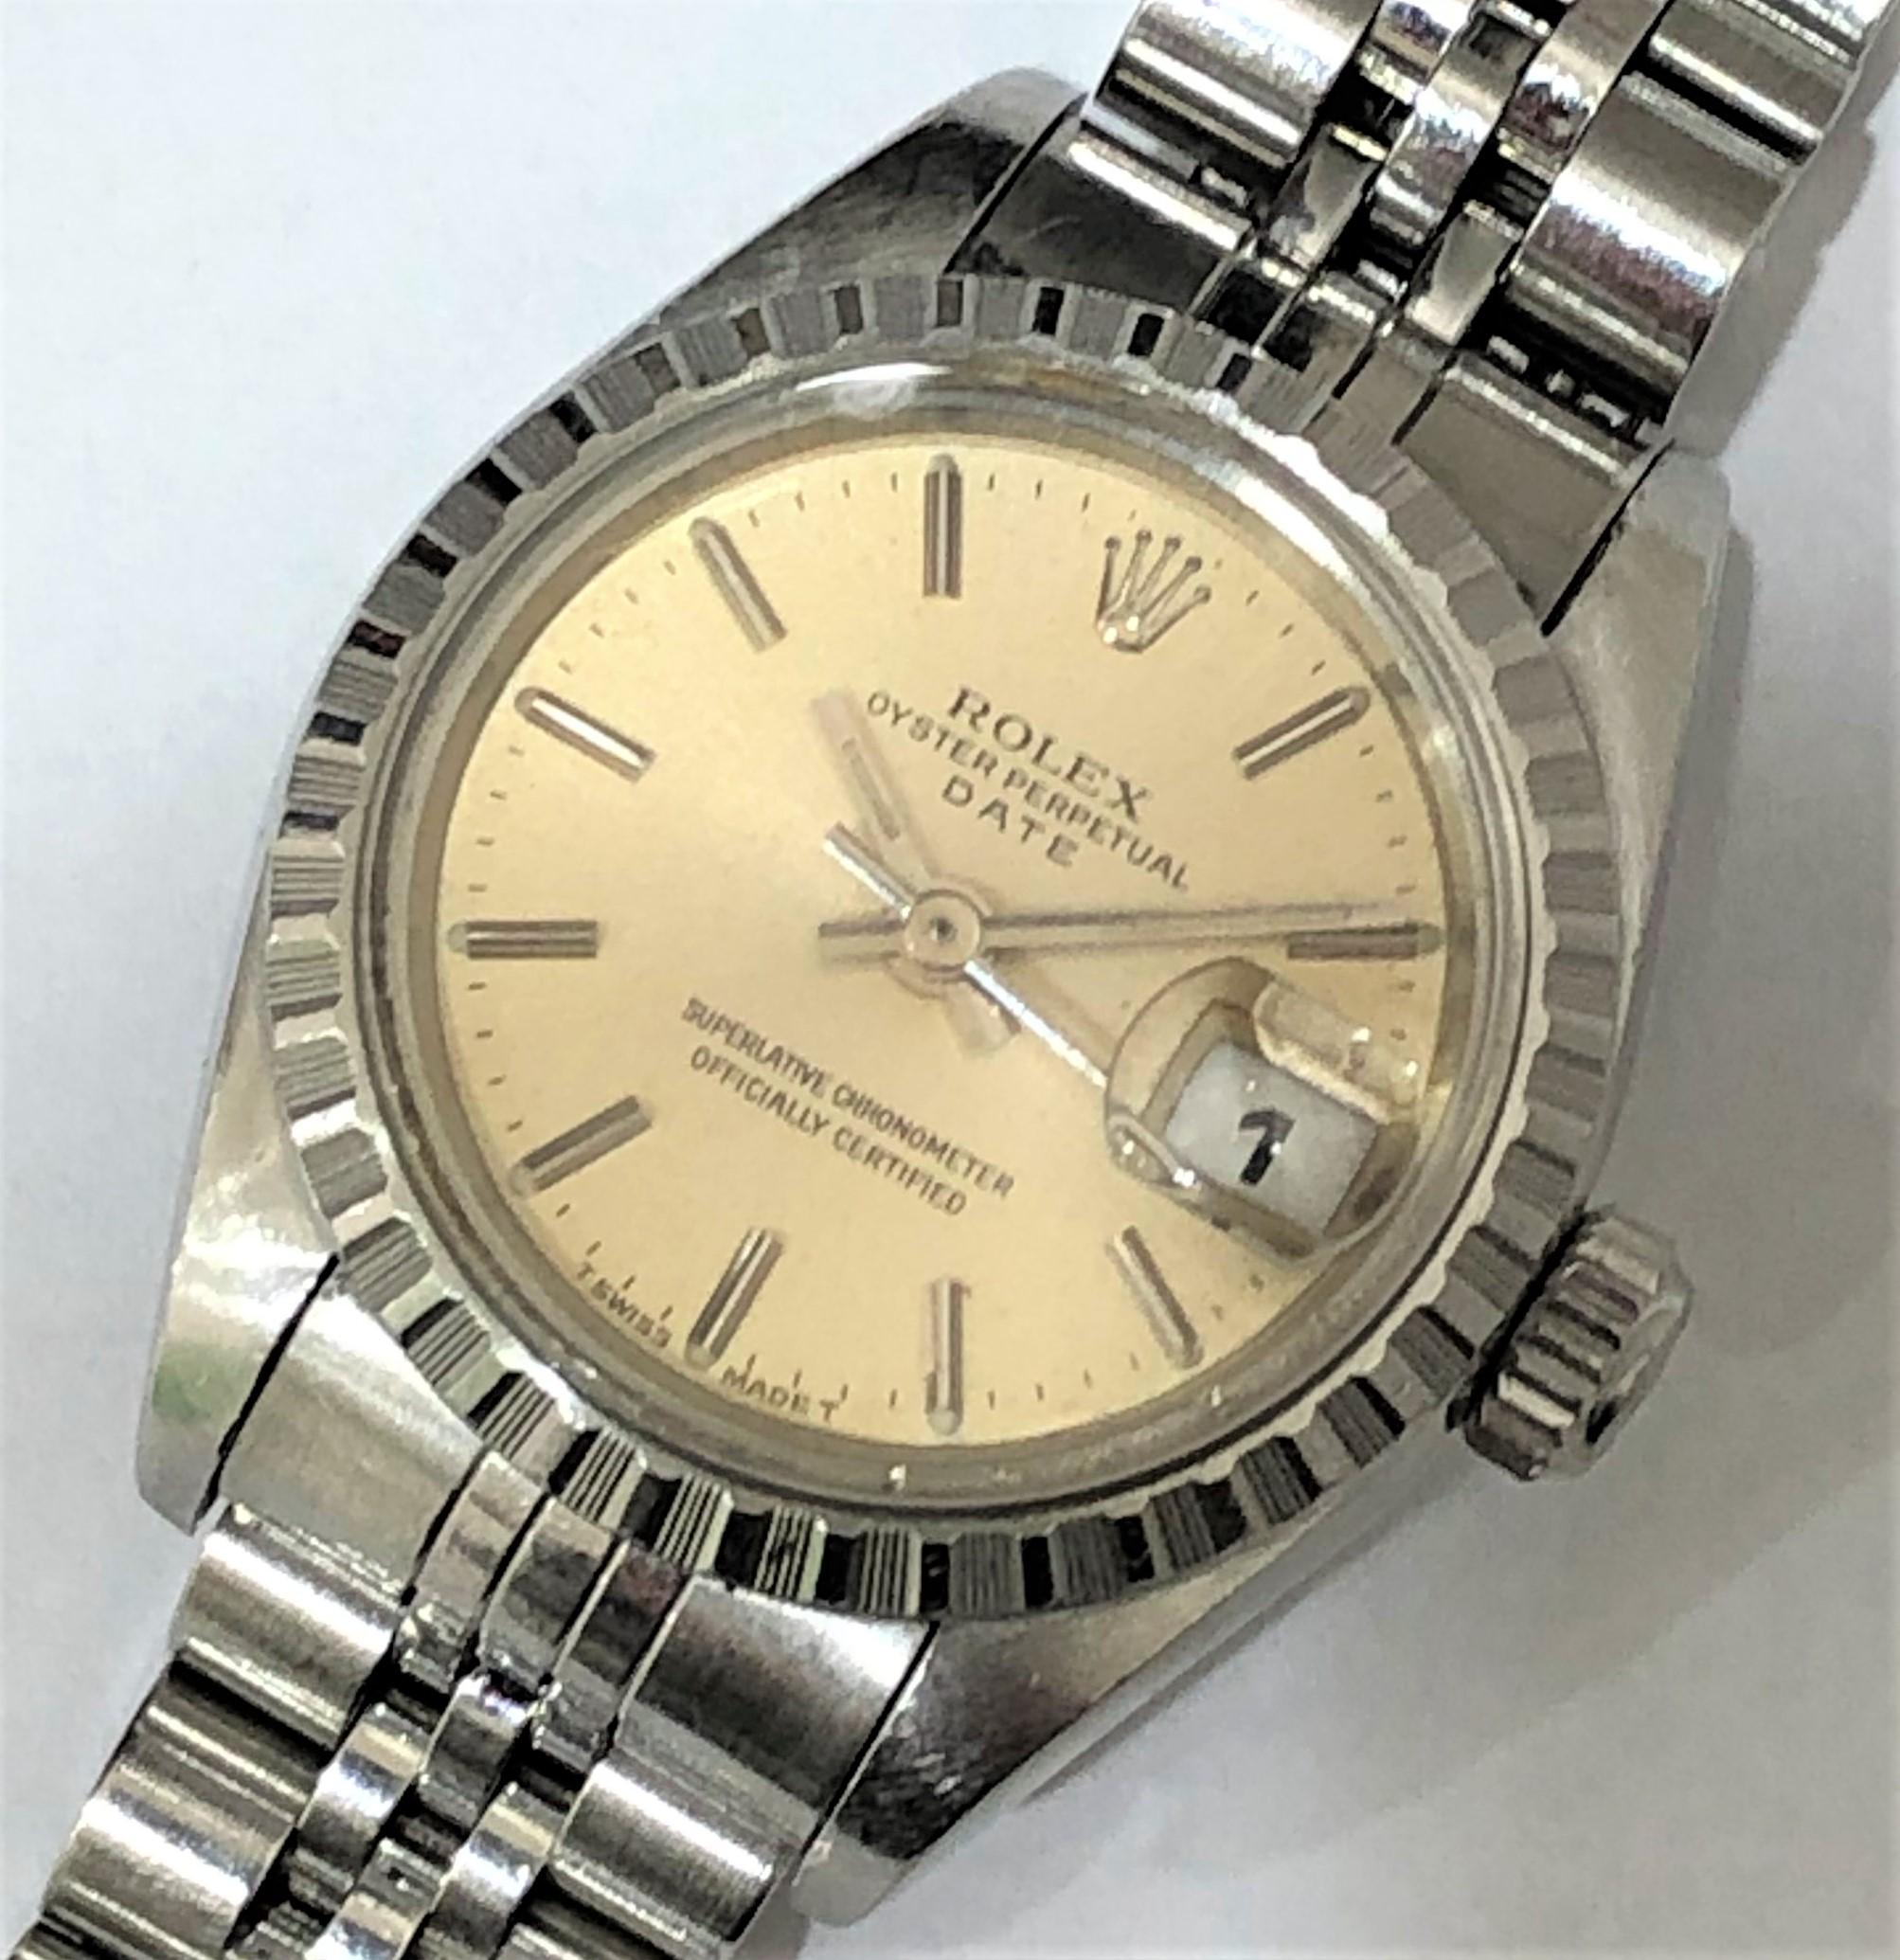 【ROLEX/ロレックス】オイスターパーペチュアルデイト 69240 S番 AT 腕時計